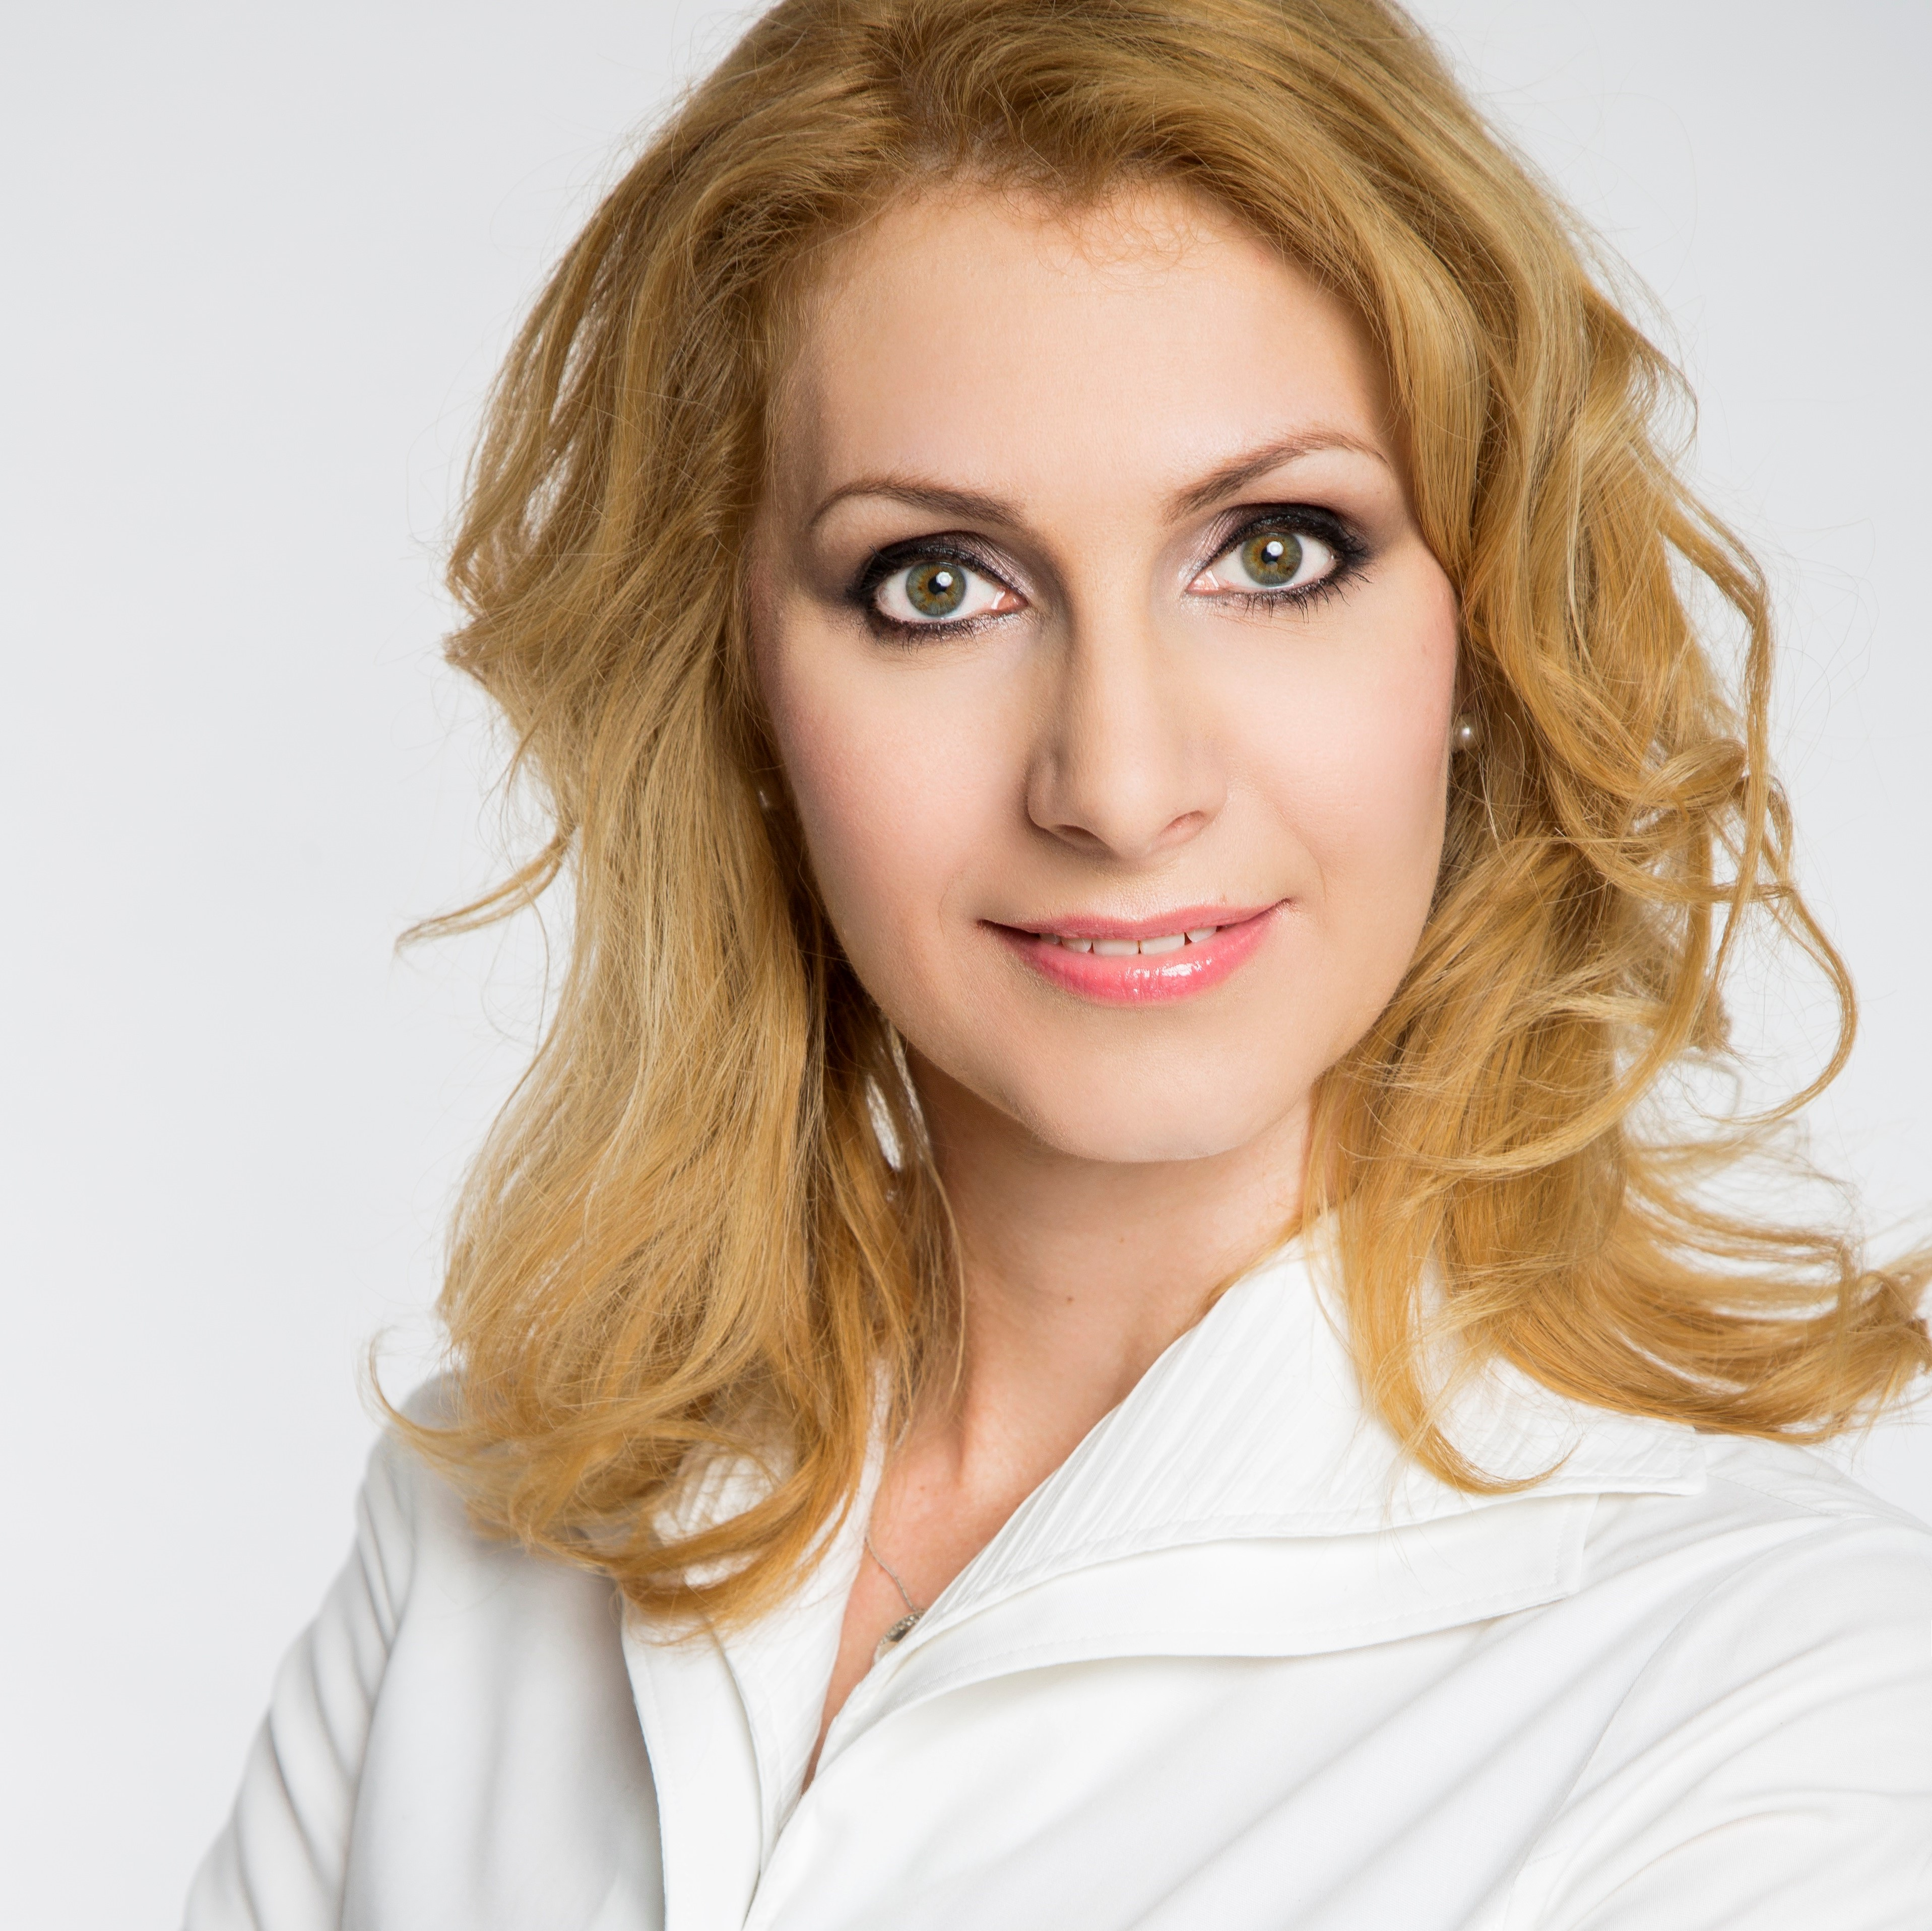 Dr. Lányi Beatrix